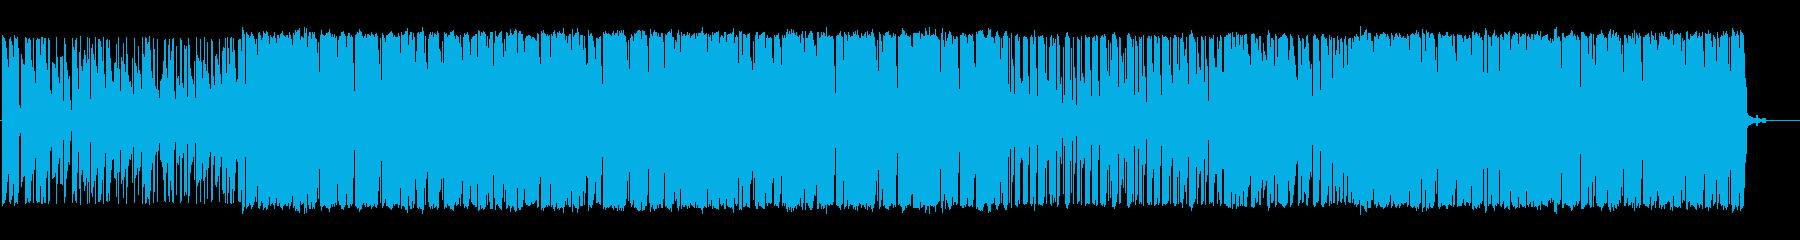 サルサ 楽しげ クール エキゾチッ...の再生済みの波形